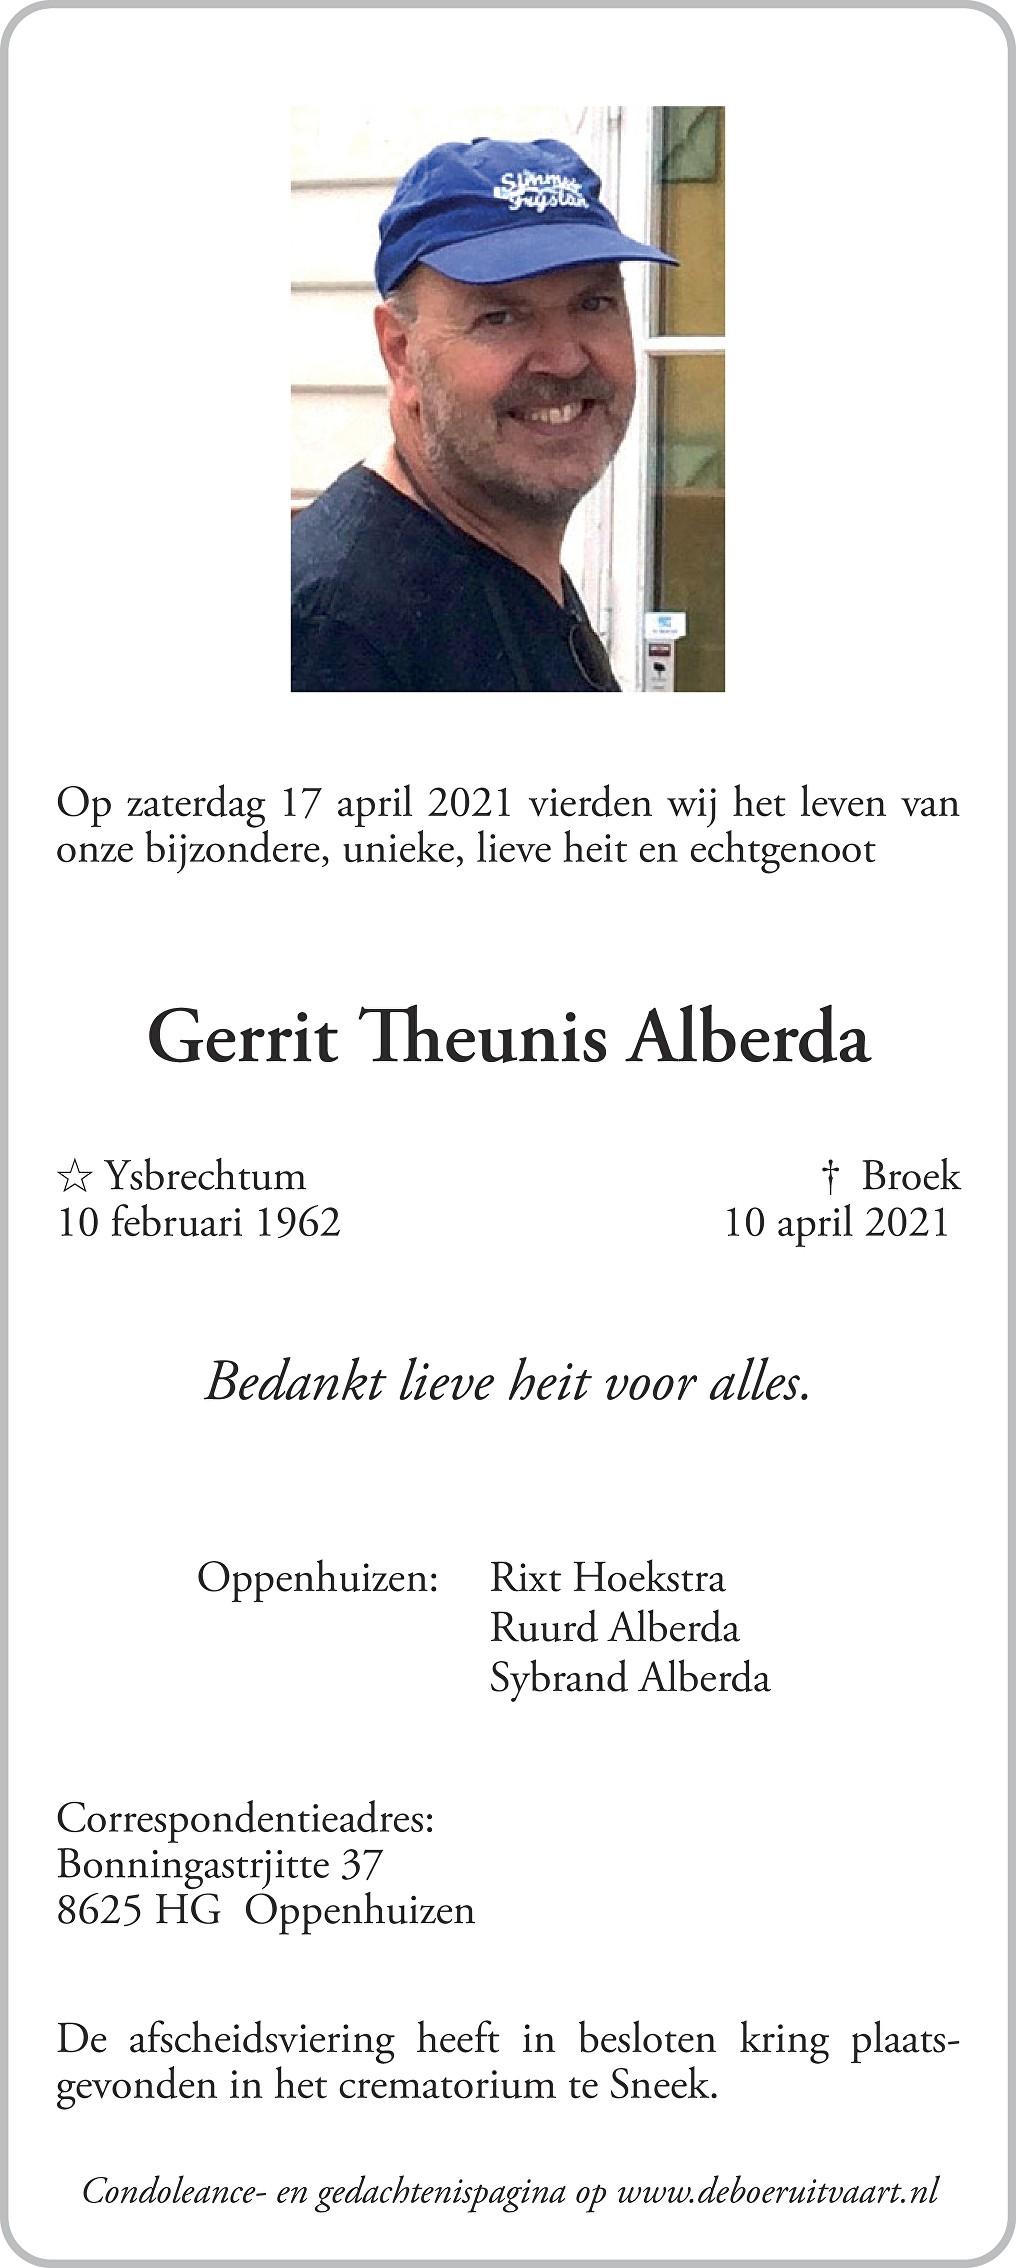 Gerrit Theunis Alberda Death notice